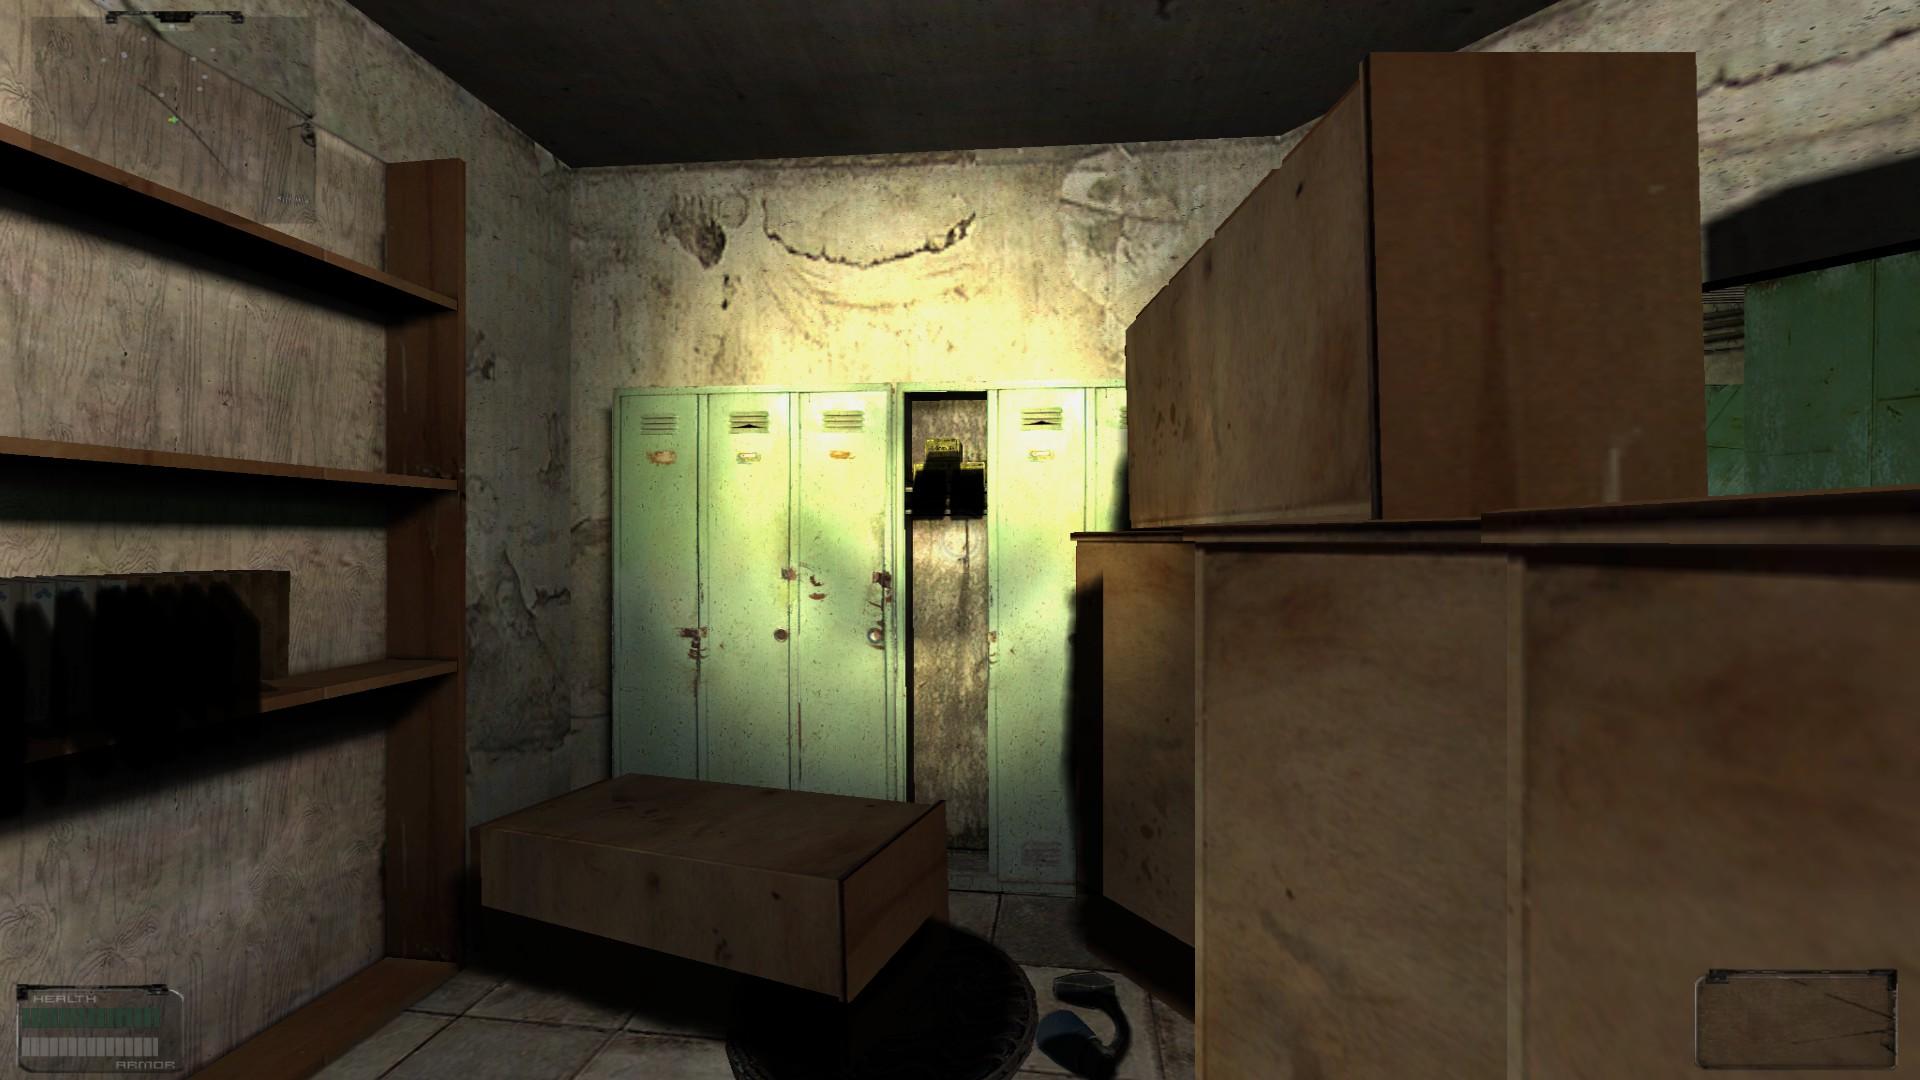 Oblivion Lost Remake 2.5 image 280